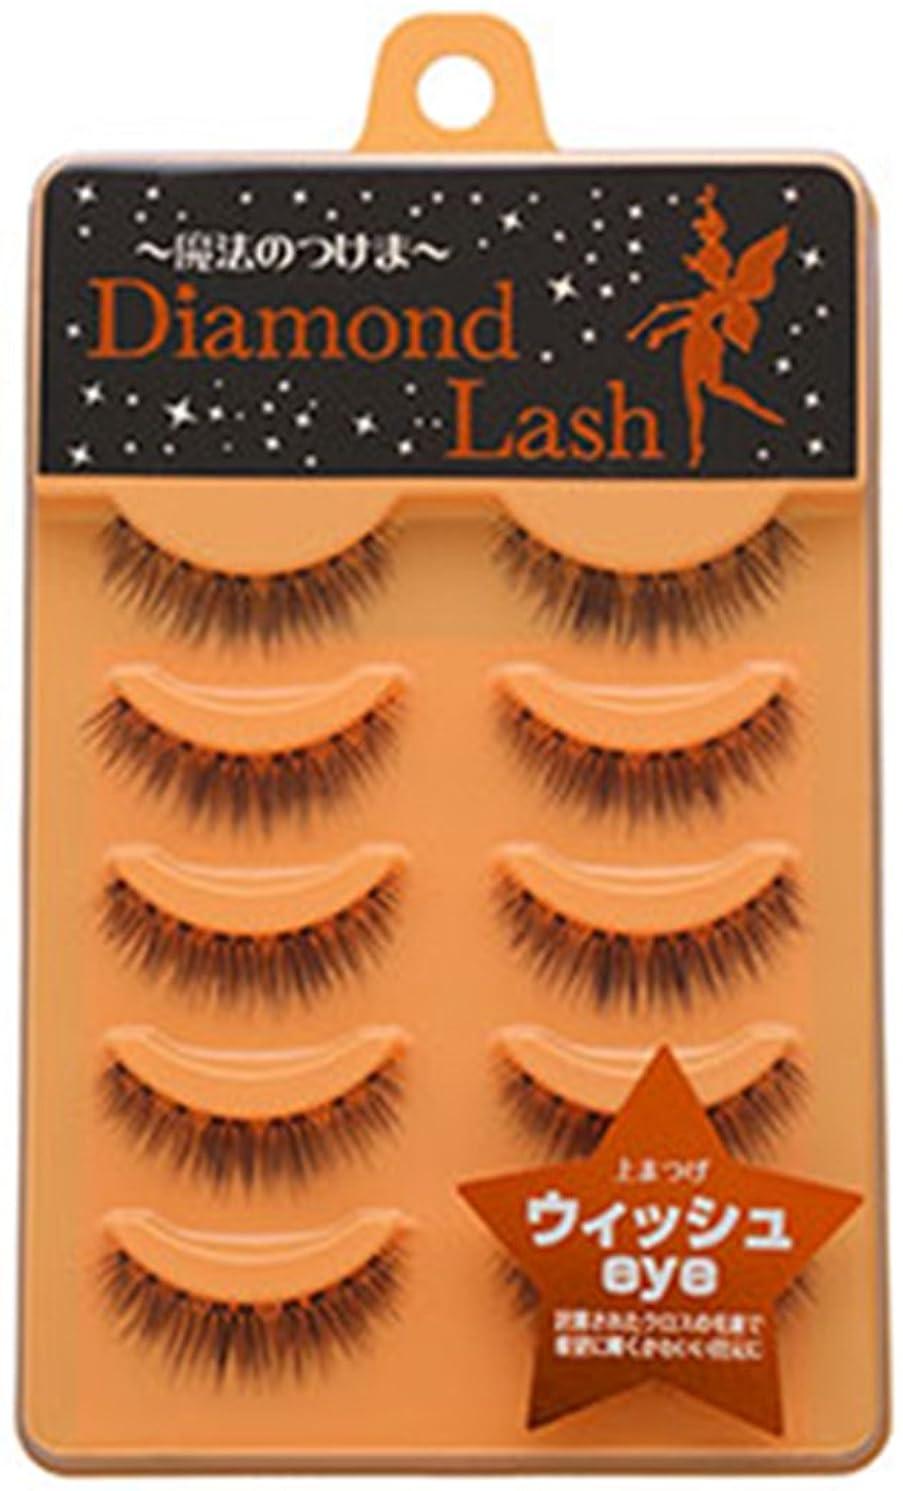 問い合わせる名詞かもめダイヤモンドラッシュ ヌーディースウィートシリーズ ウィッシュeye 上まつげ用 DL54596